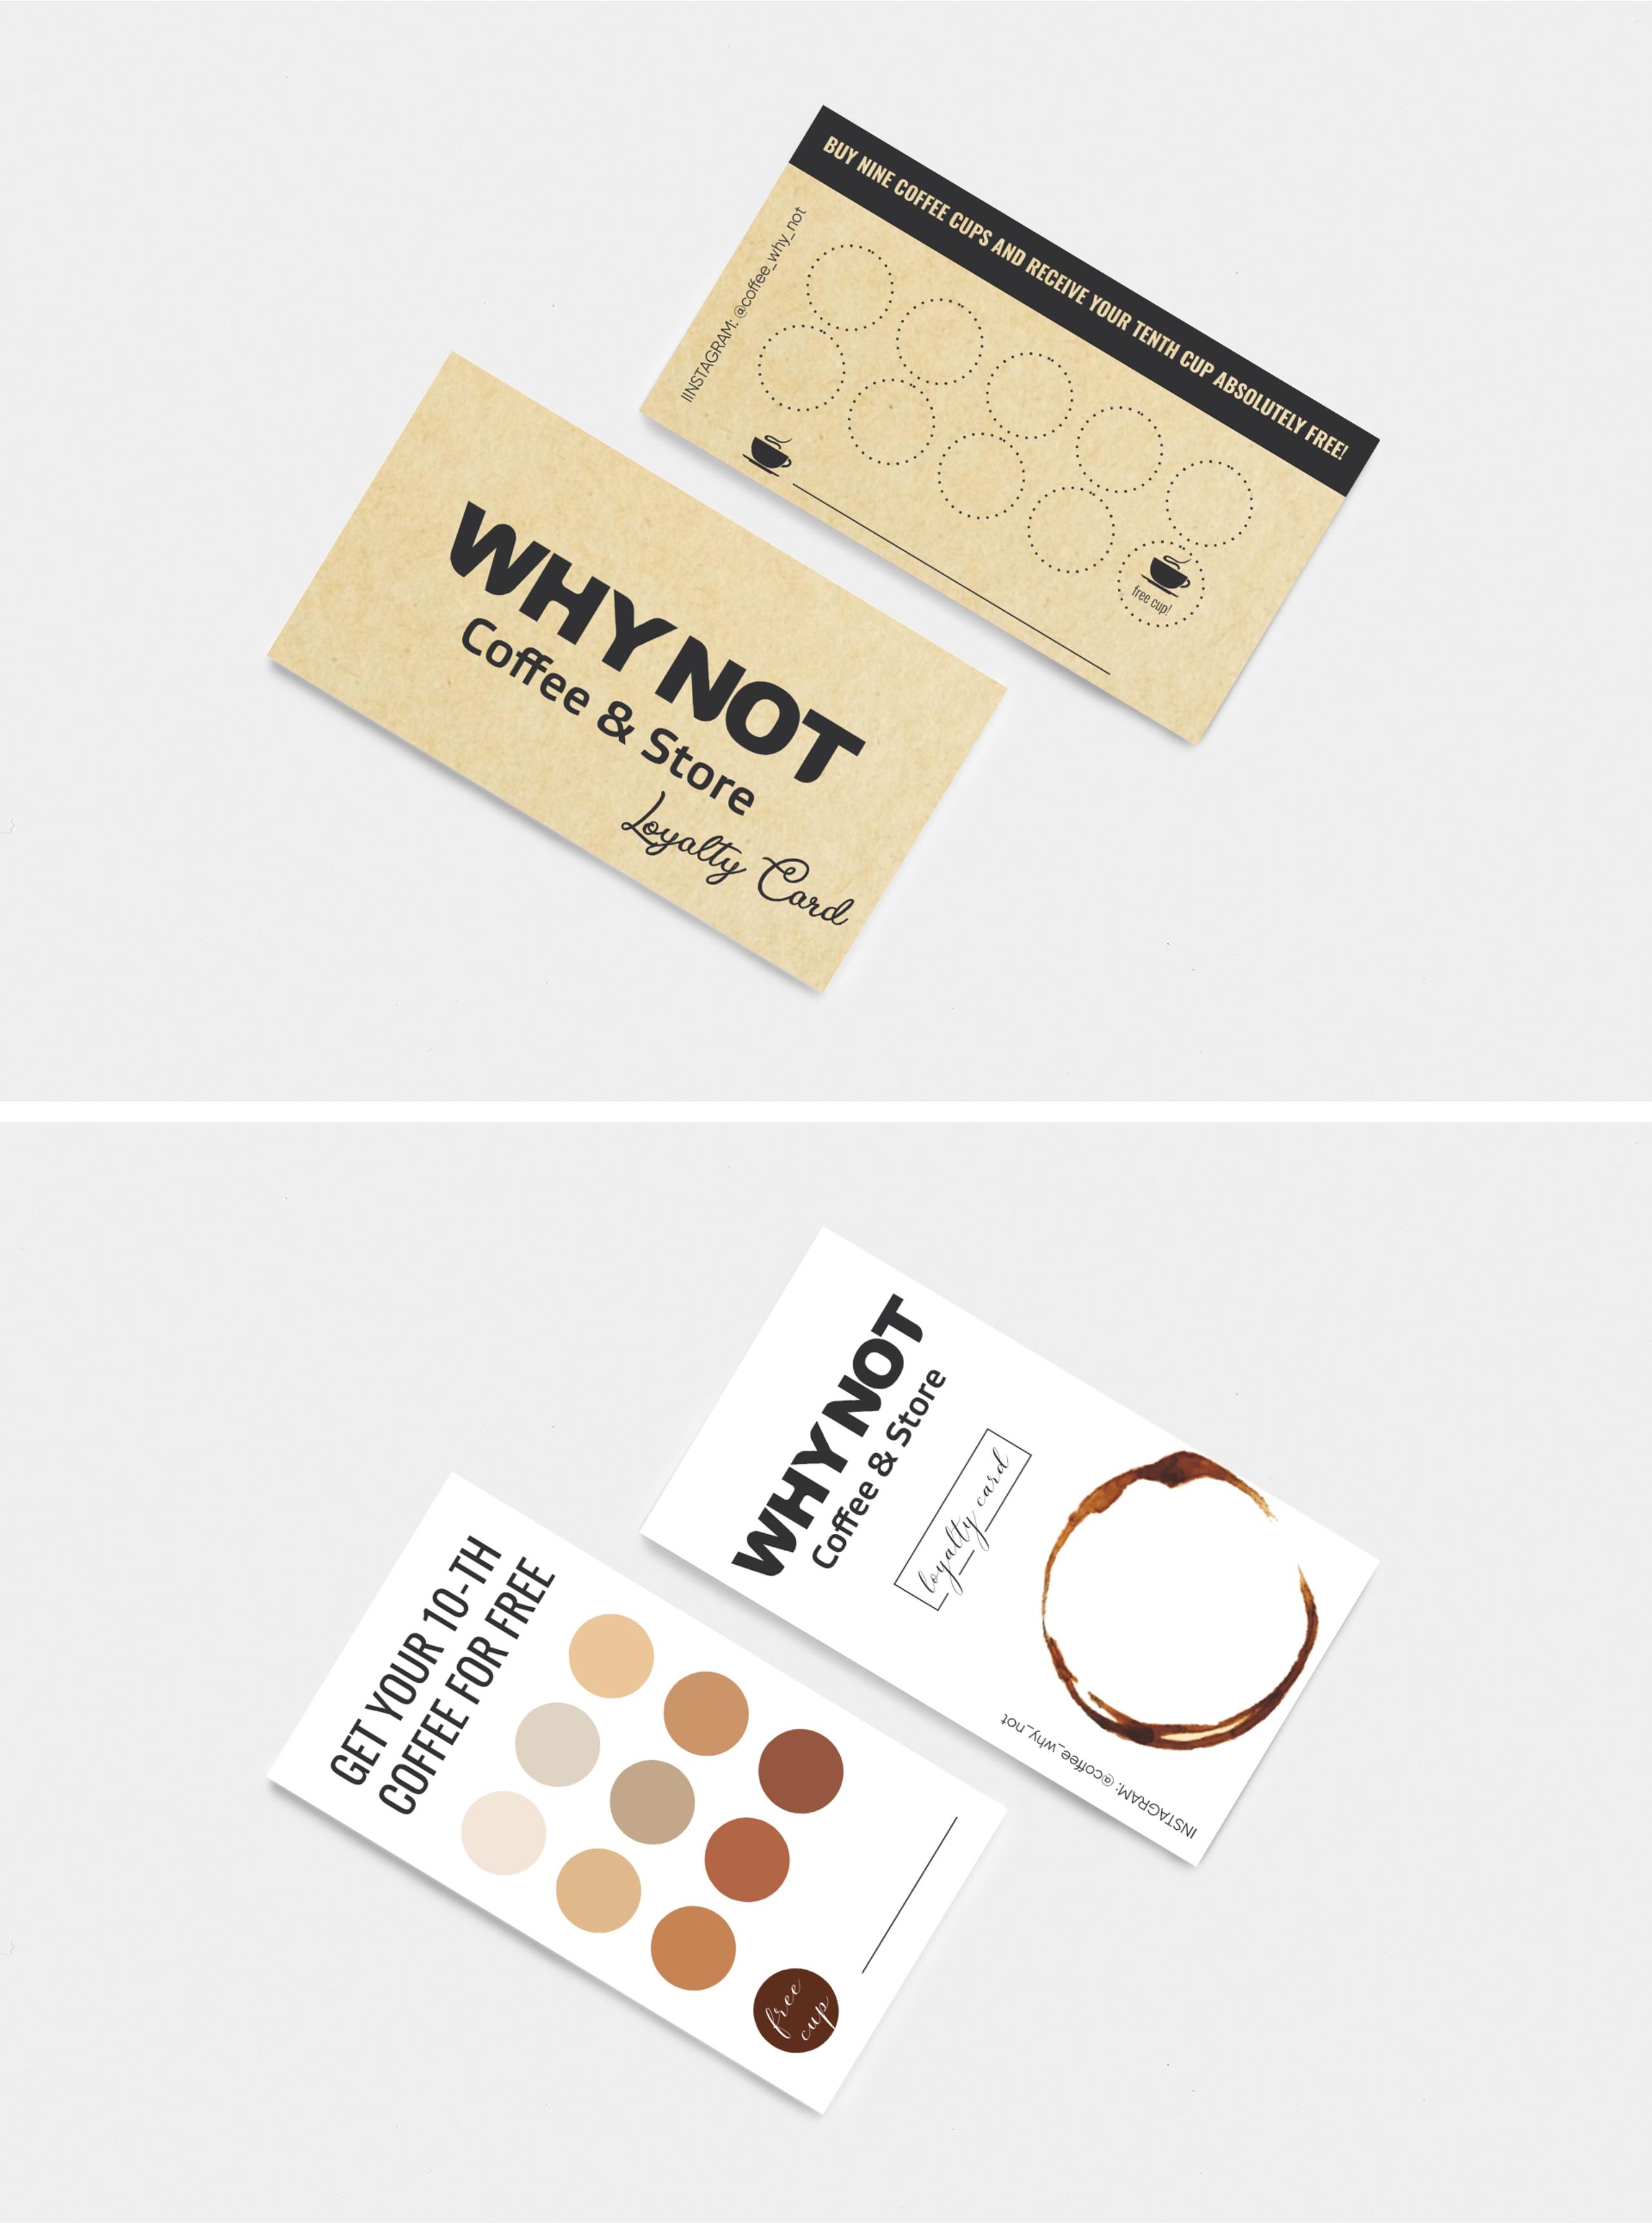 Фото Карта лояльности для кофеманов,  два варианта